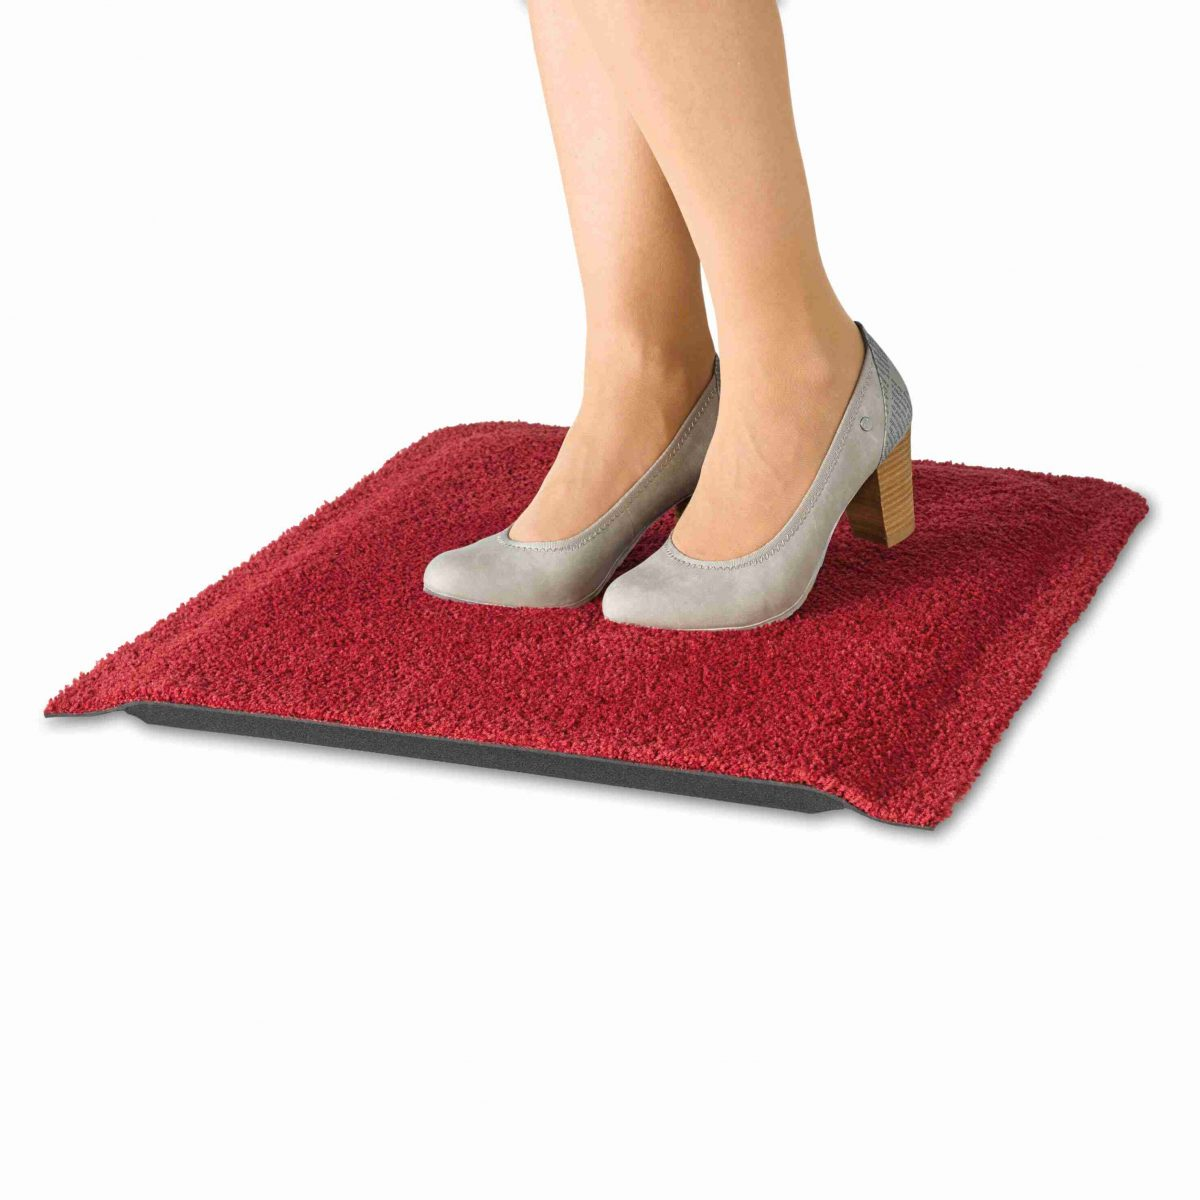 Stand-On-Monocolour_Regal-Red_SCHNITT_FUESSE_High-heels_55x78cm_02_4032445083405_GIM134_FREI_Verlauf_DRAUFSICHT_kl